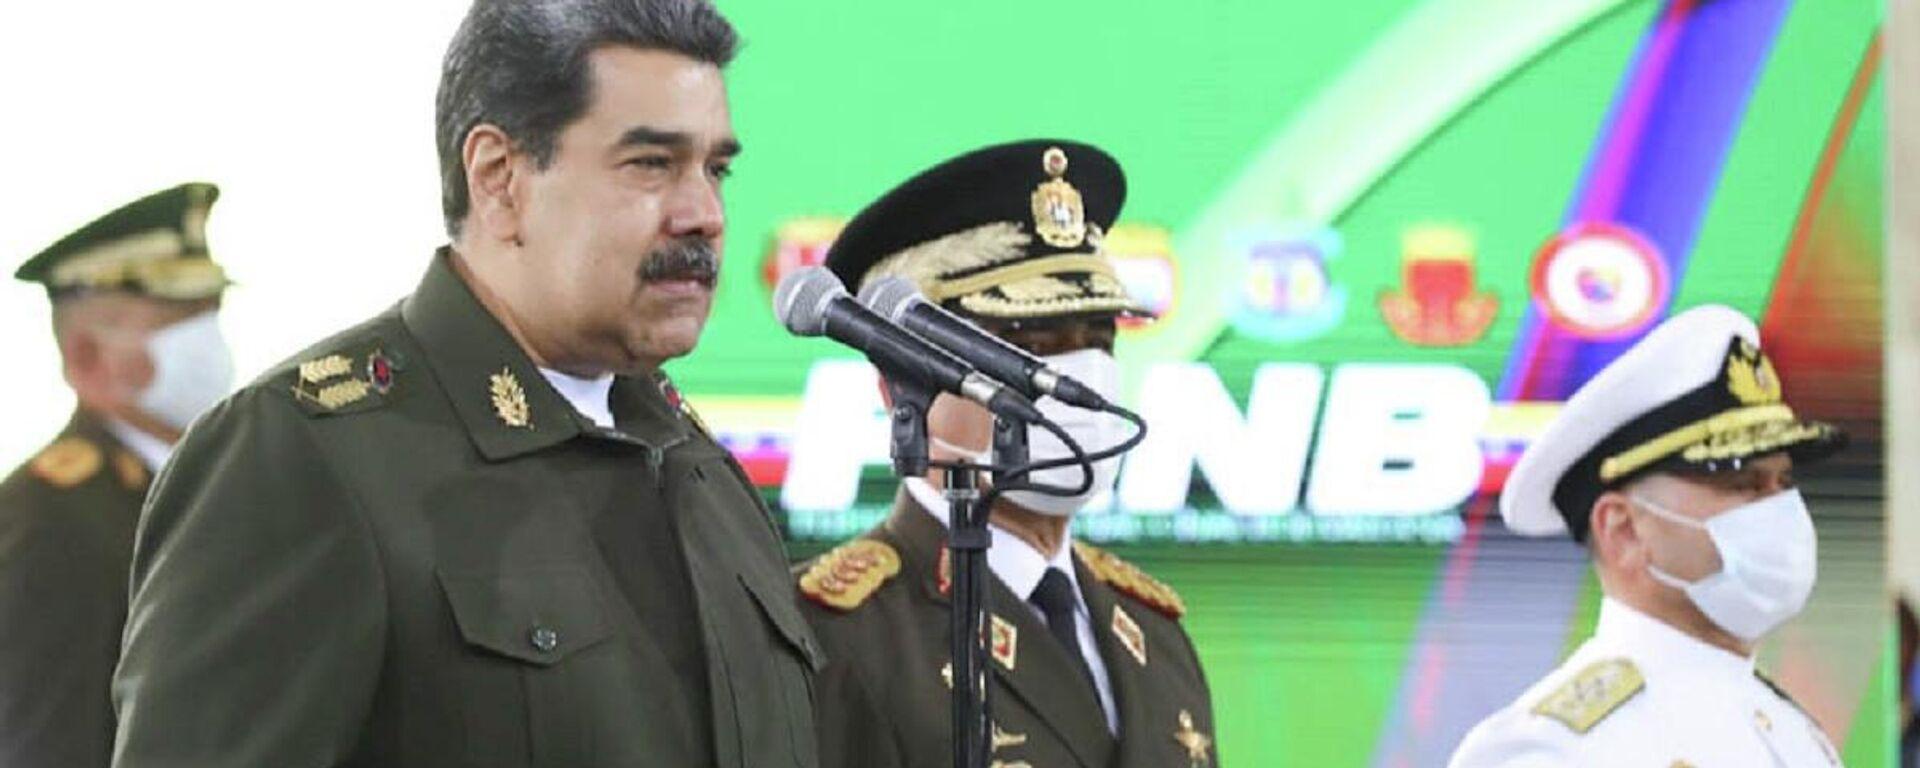 Nicolás Maduro, presidente de Venezuela - Sputnik Mundo, 1920, 11.07.2021